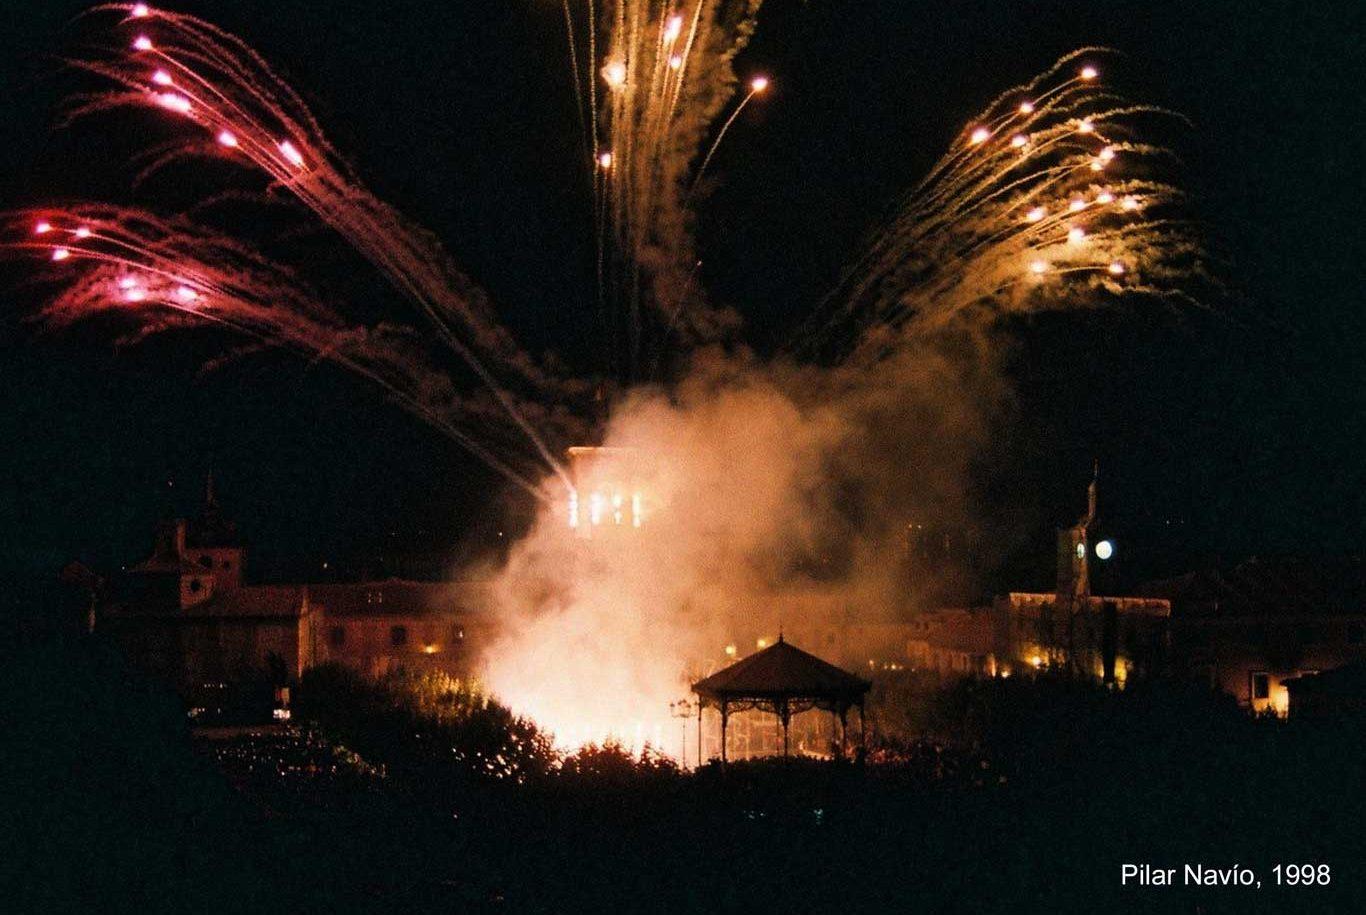 declaracion-ciudad-patrimonio-humanidad-1998-pilar-navio-2